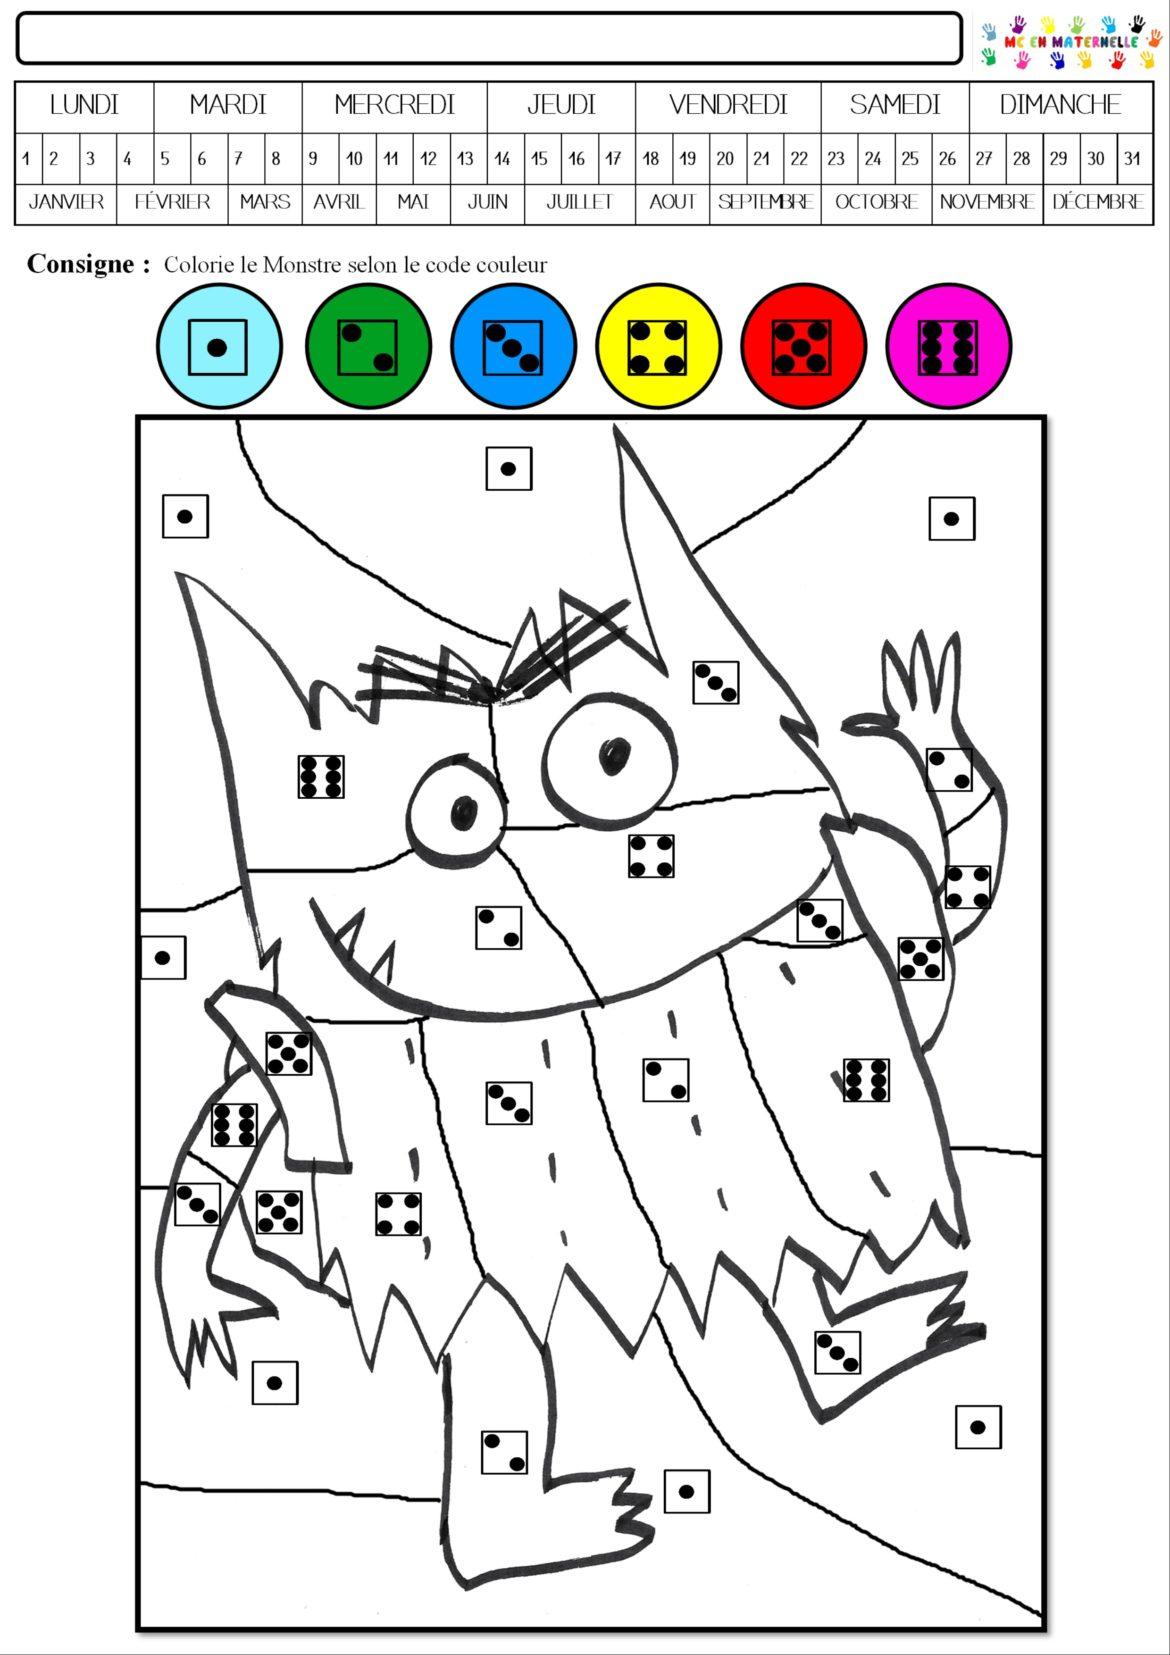 Coloriage Magique Grande Section Maternelle : coloriage, magique, grande, section, maternelle, Coloriage, Magique, Maternelle